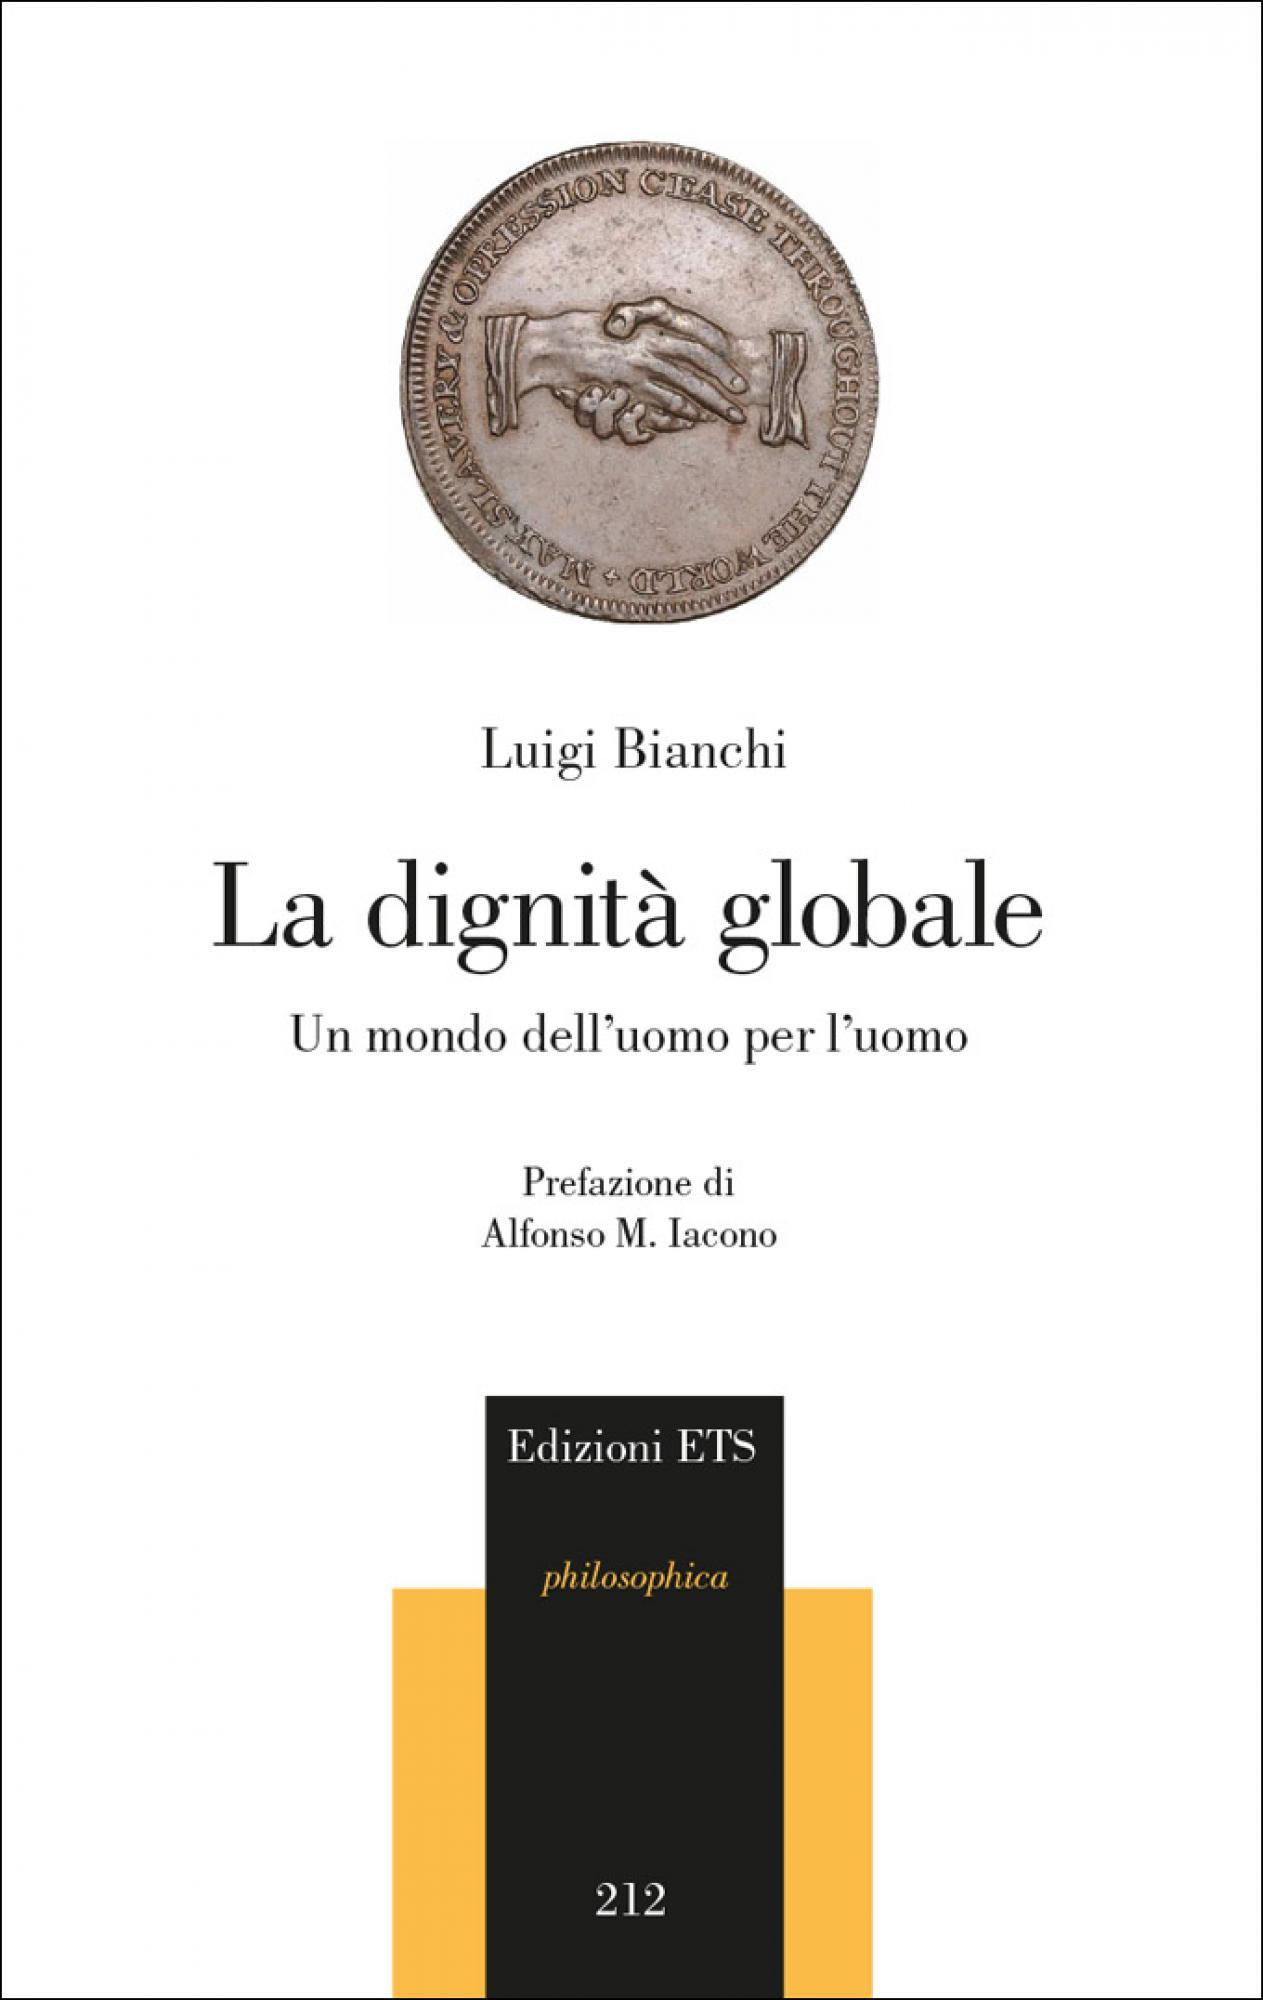 La dignità globale.Un mondo dell'uomo per l'uomo